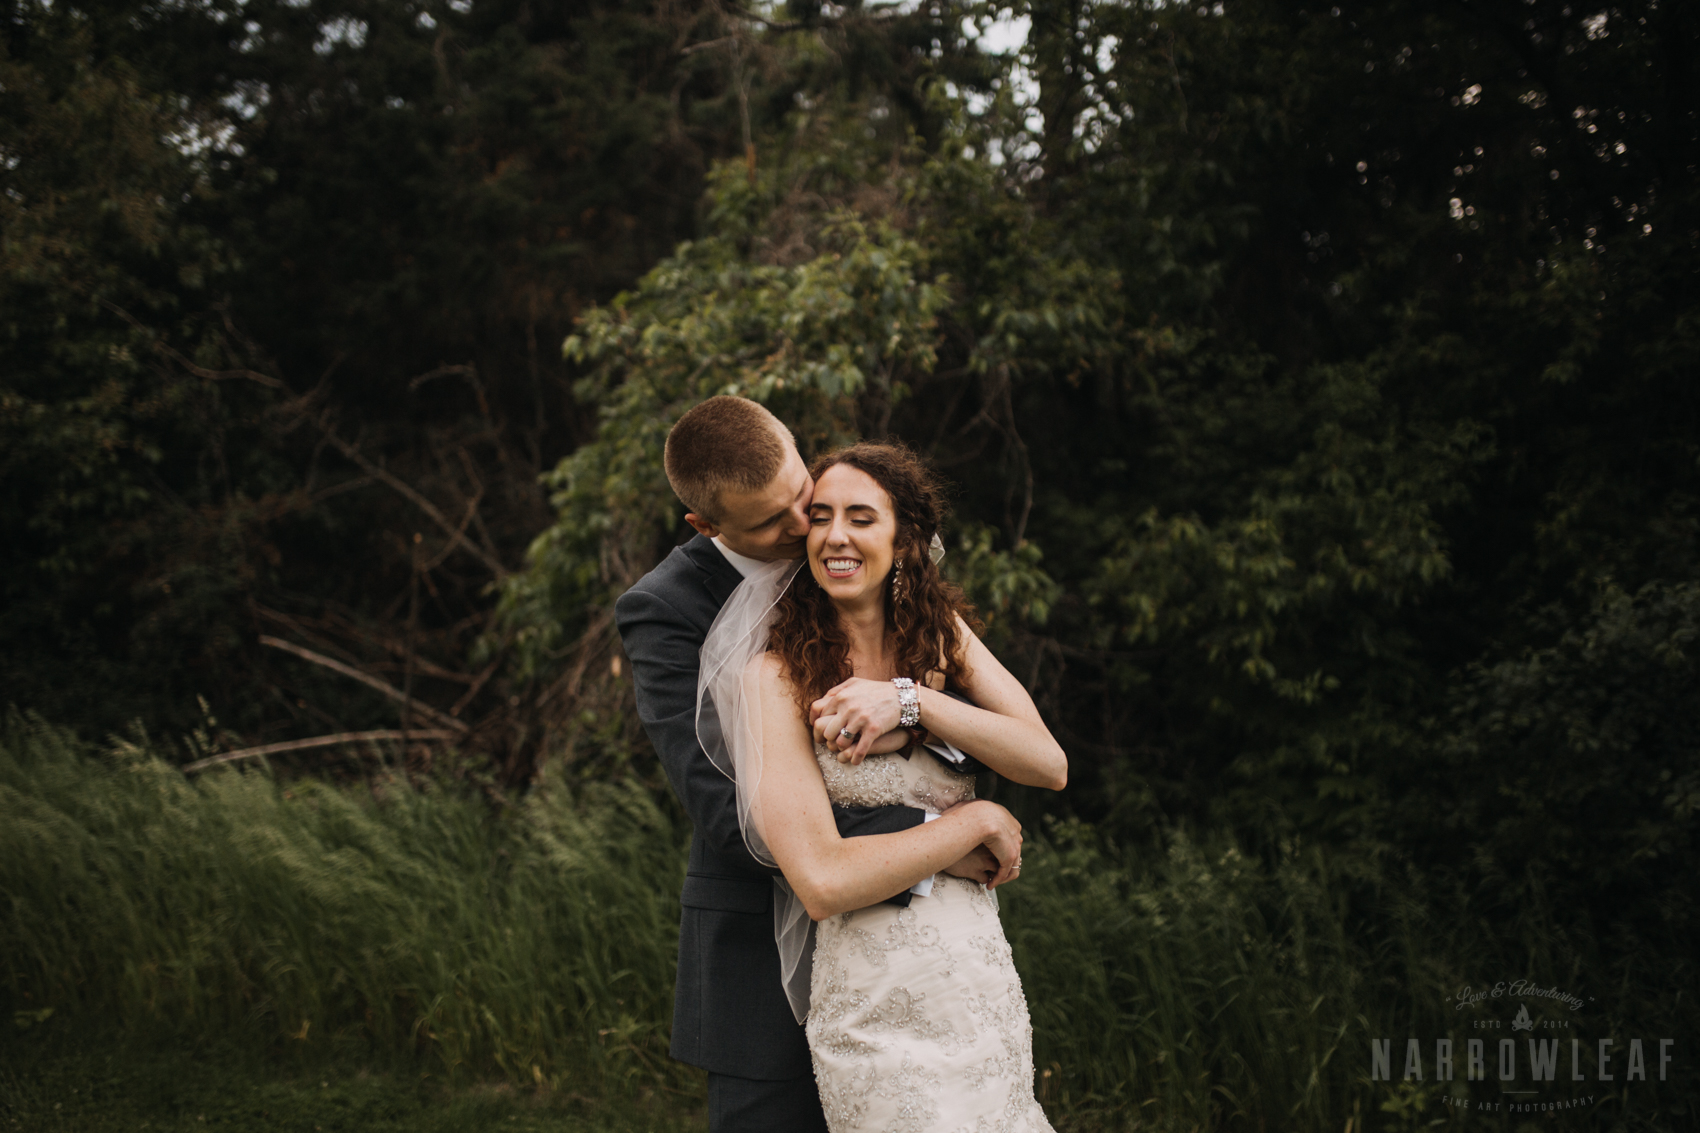 bride-groom-wooded-adventure-portraits-mermaid-dress-308.jpg